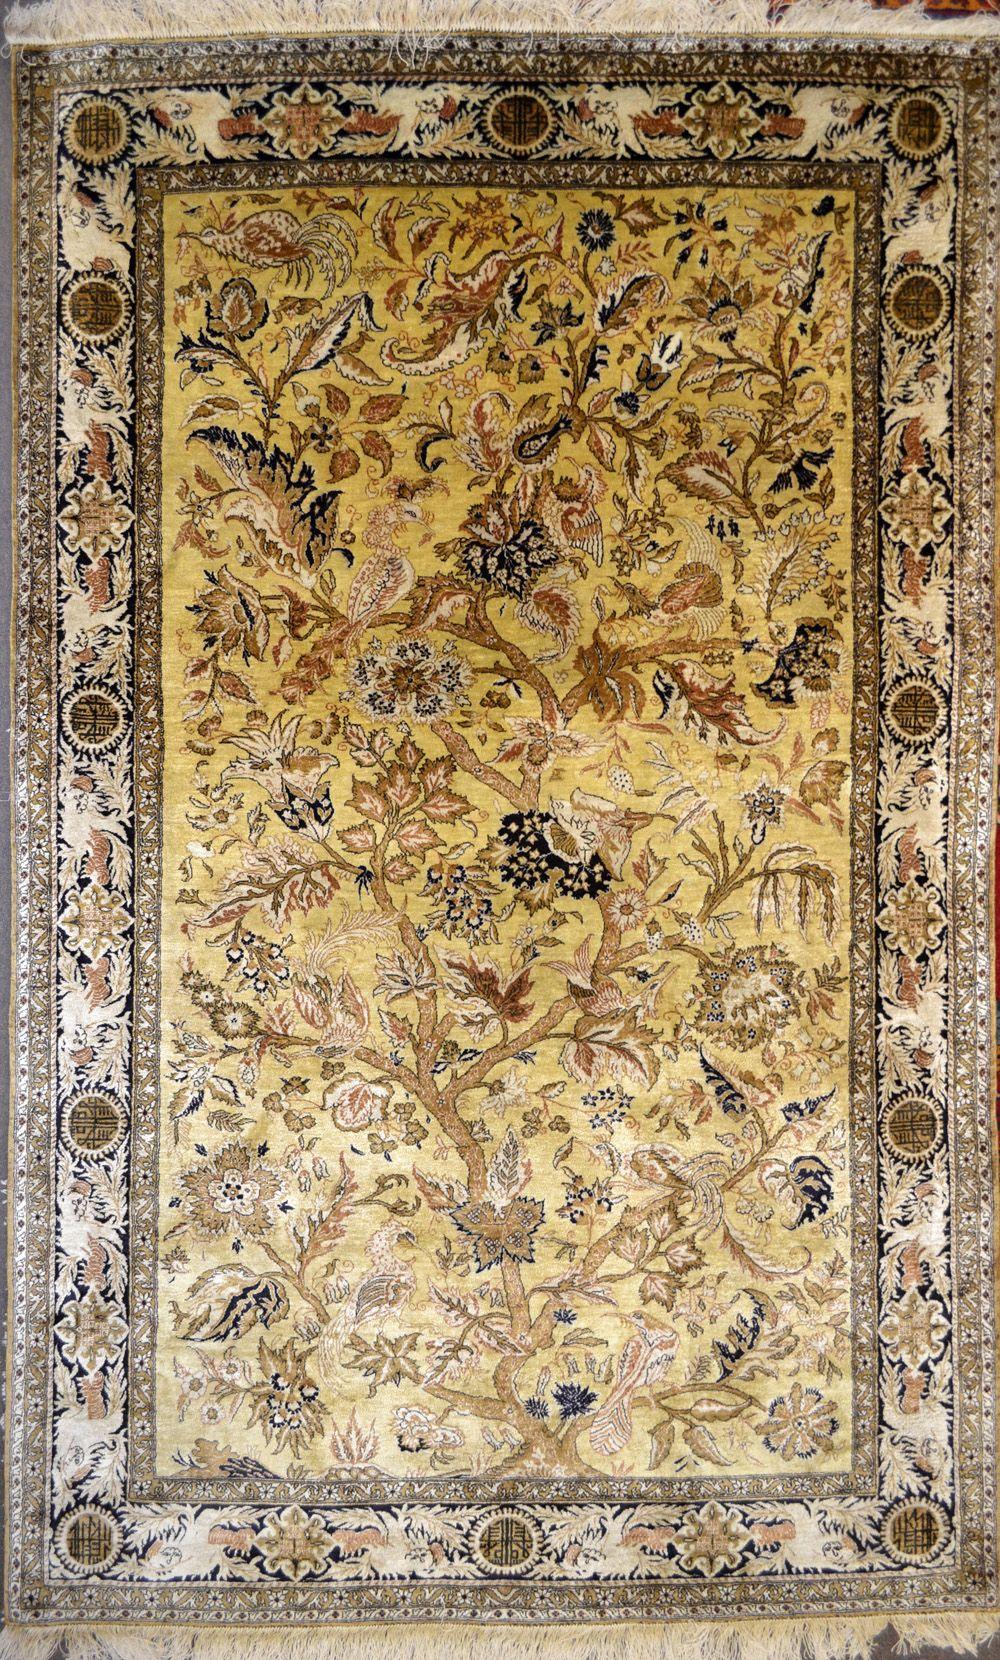 Qum Antique Silk Tree Of Life Persian Rug Item Bg 3118 Size 138 X 230 Cm 4 6 7 Ft